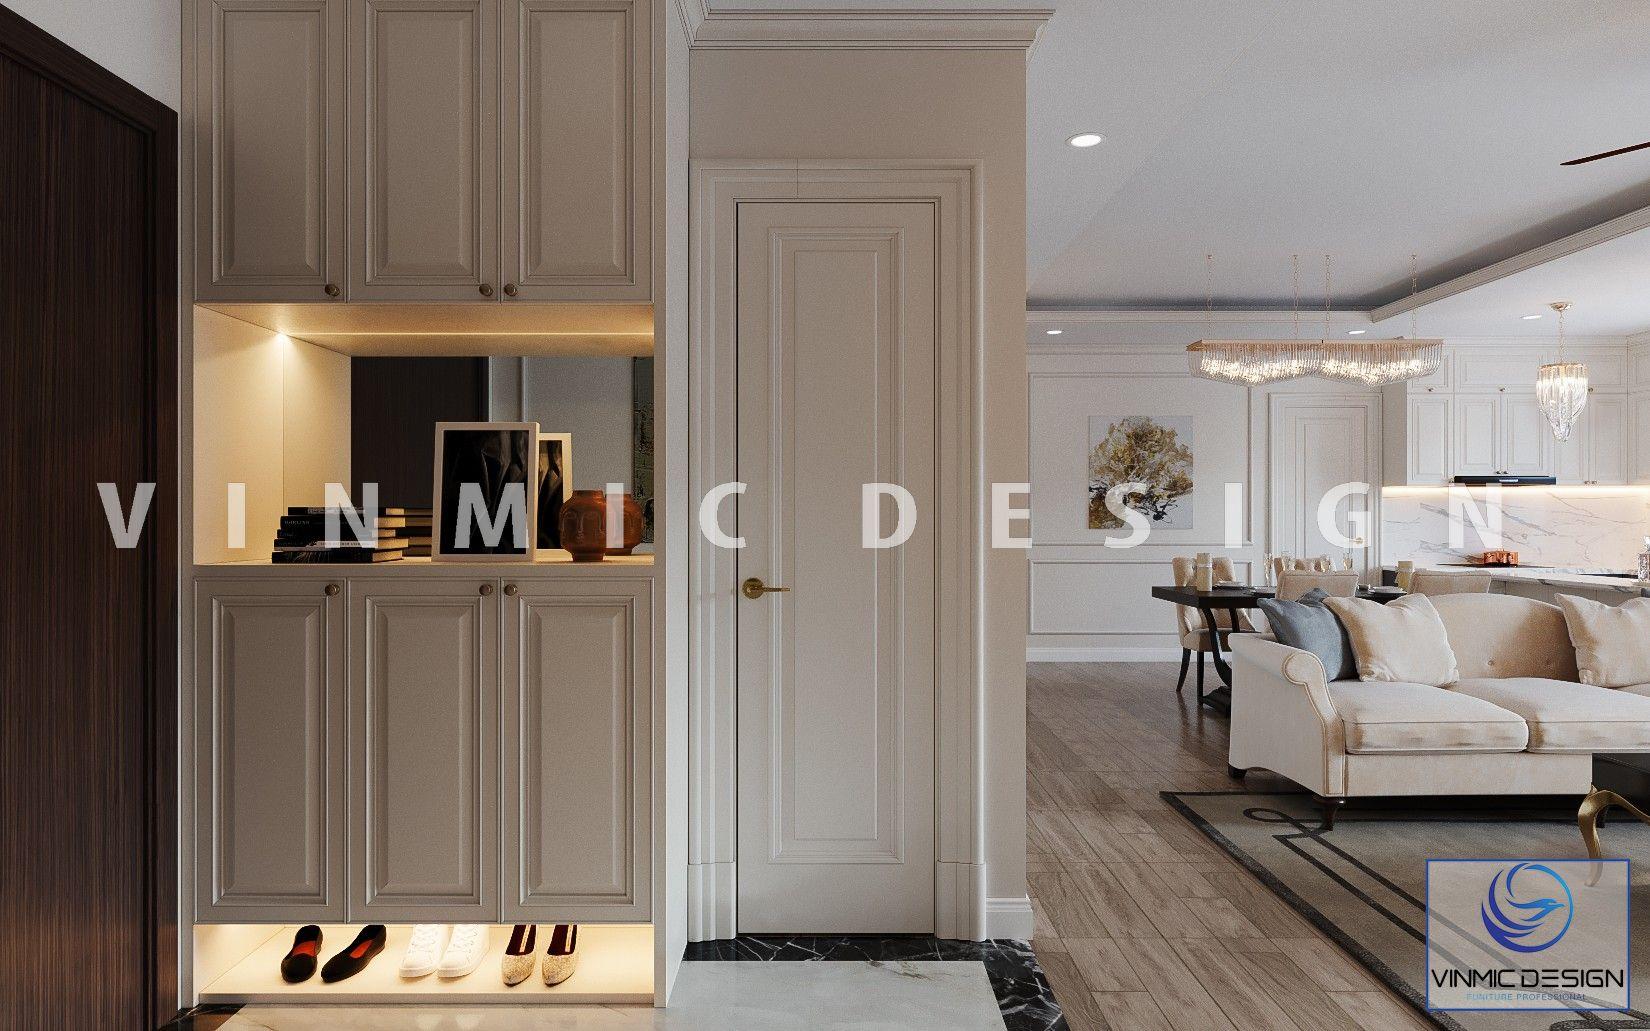 Thiết kế tủ giày đẹp cho căn hộ phong cách tân cổ điển tại Imperia Sky Garden